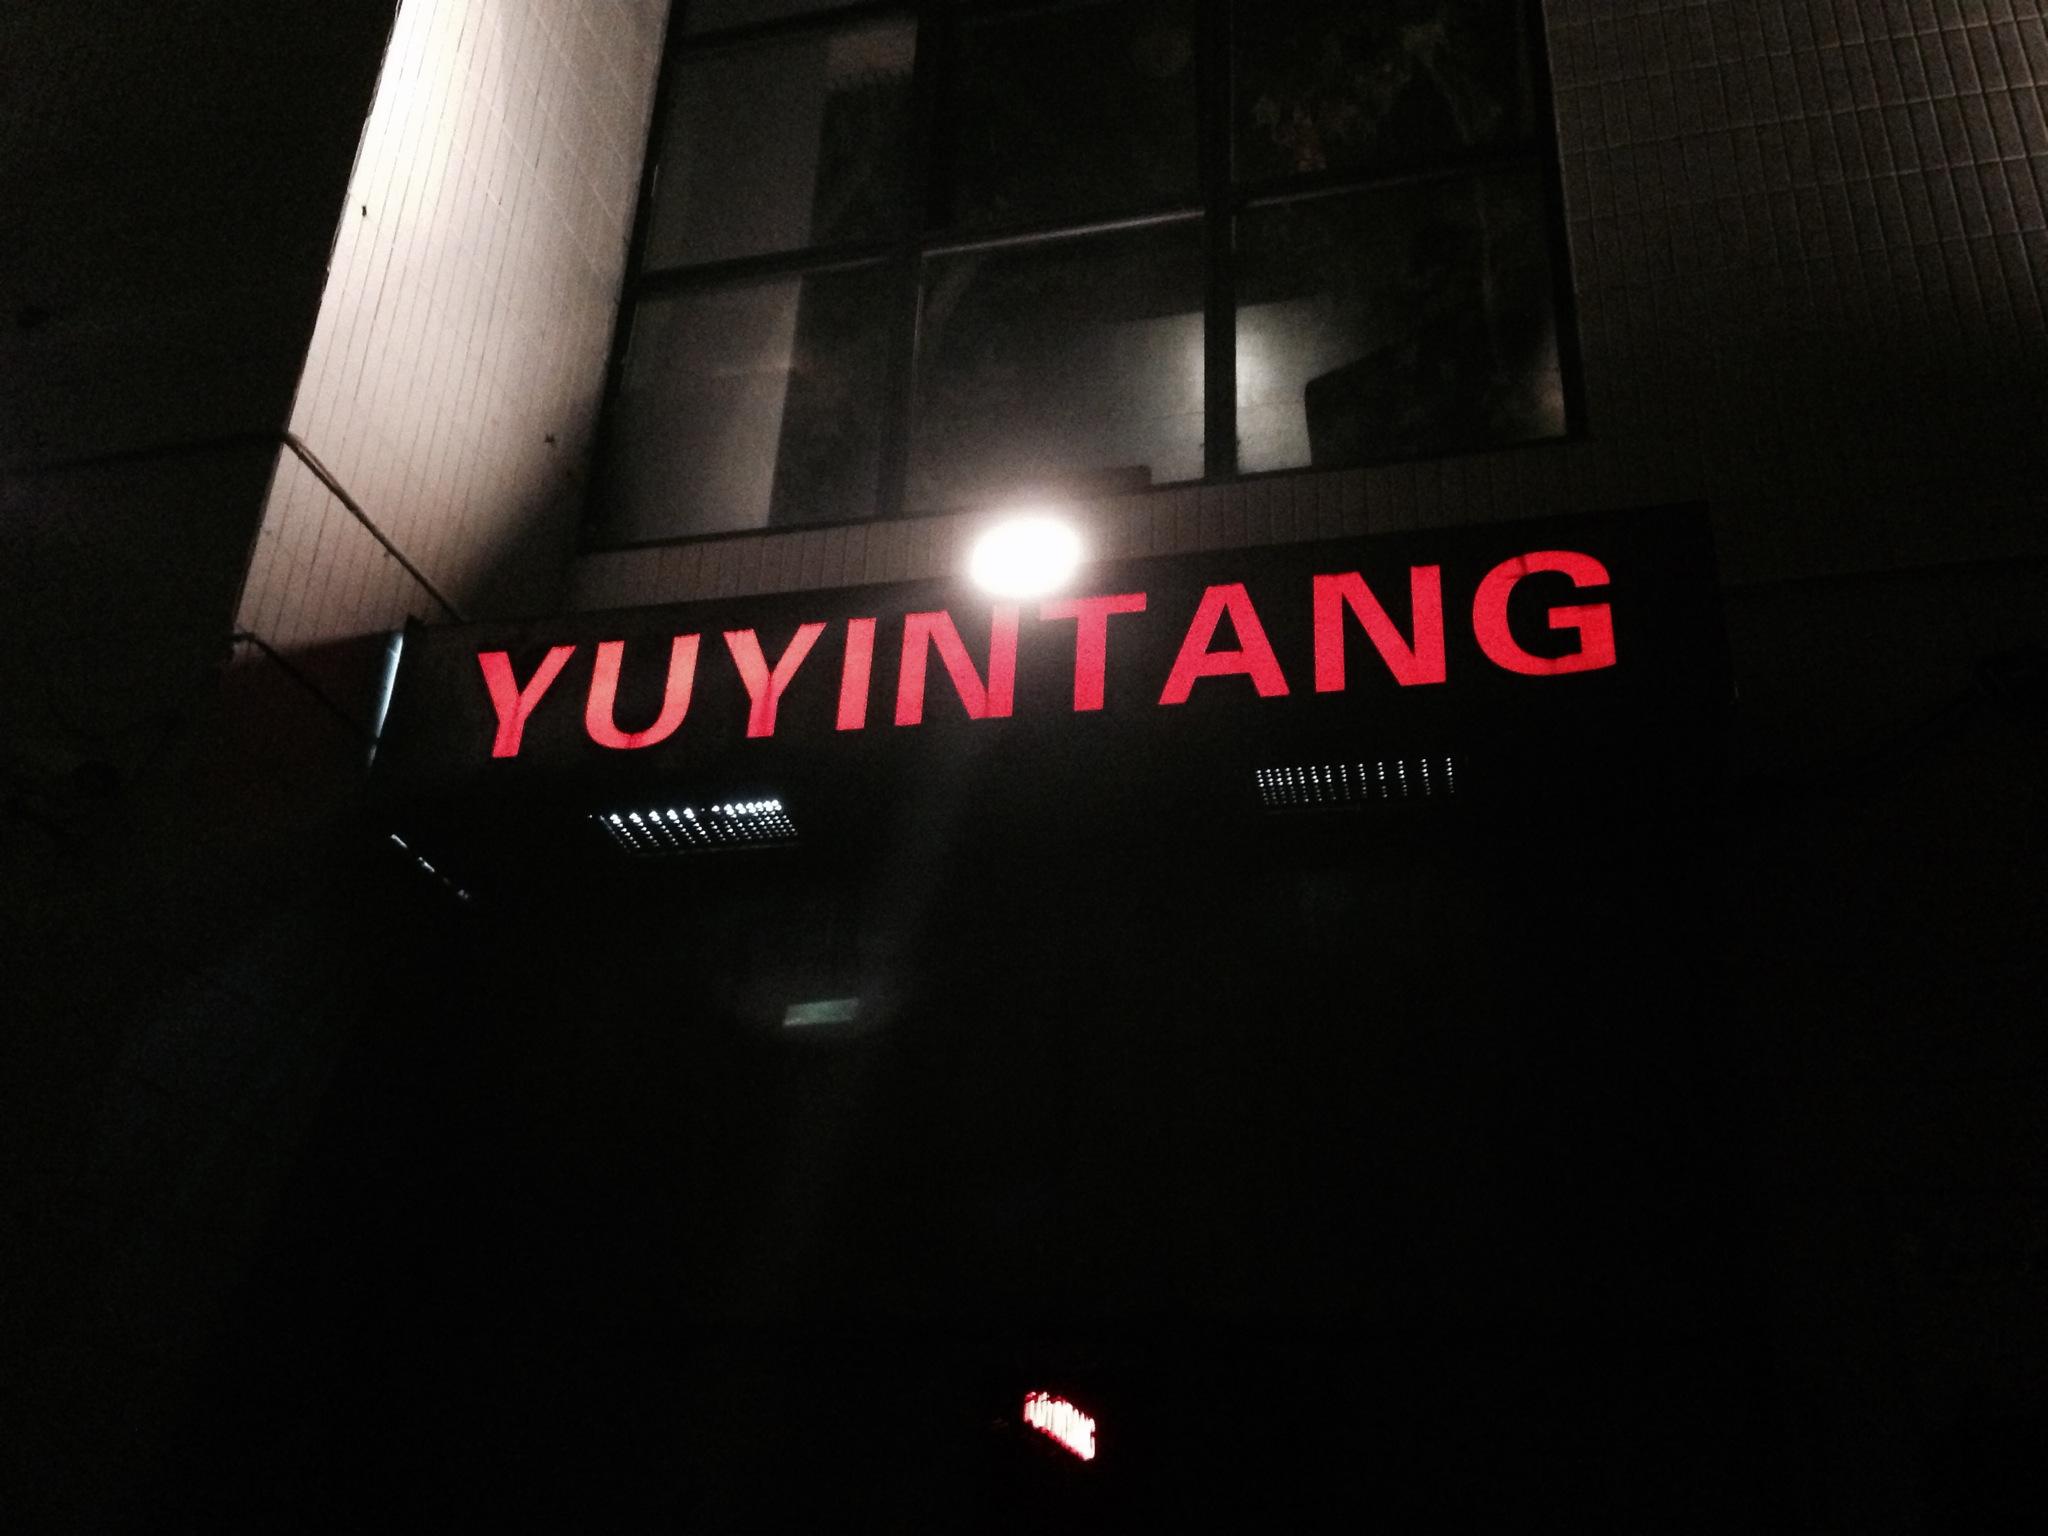 ラーメン 暖暮 / 拉面 暖暮(lāmiàn nuǎnmù)